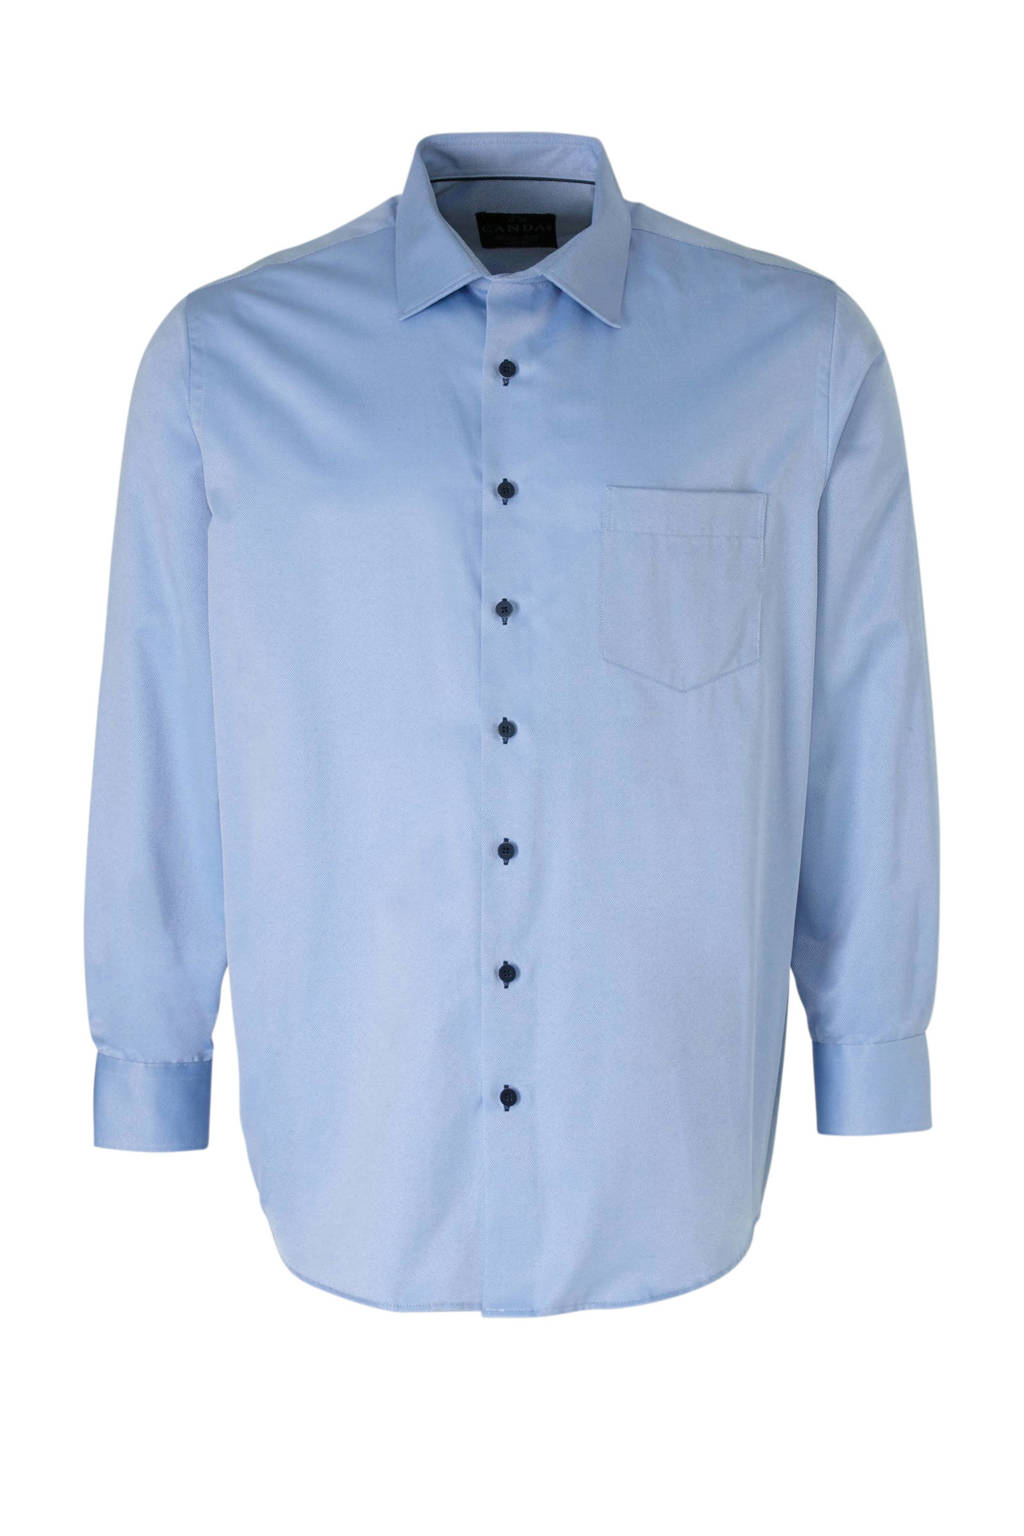 C&A XL Canda regular fit overhemd lichtblauw, Lichtblauw